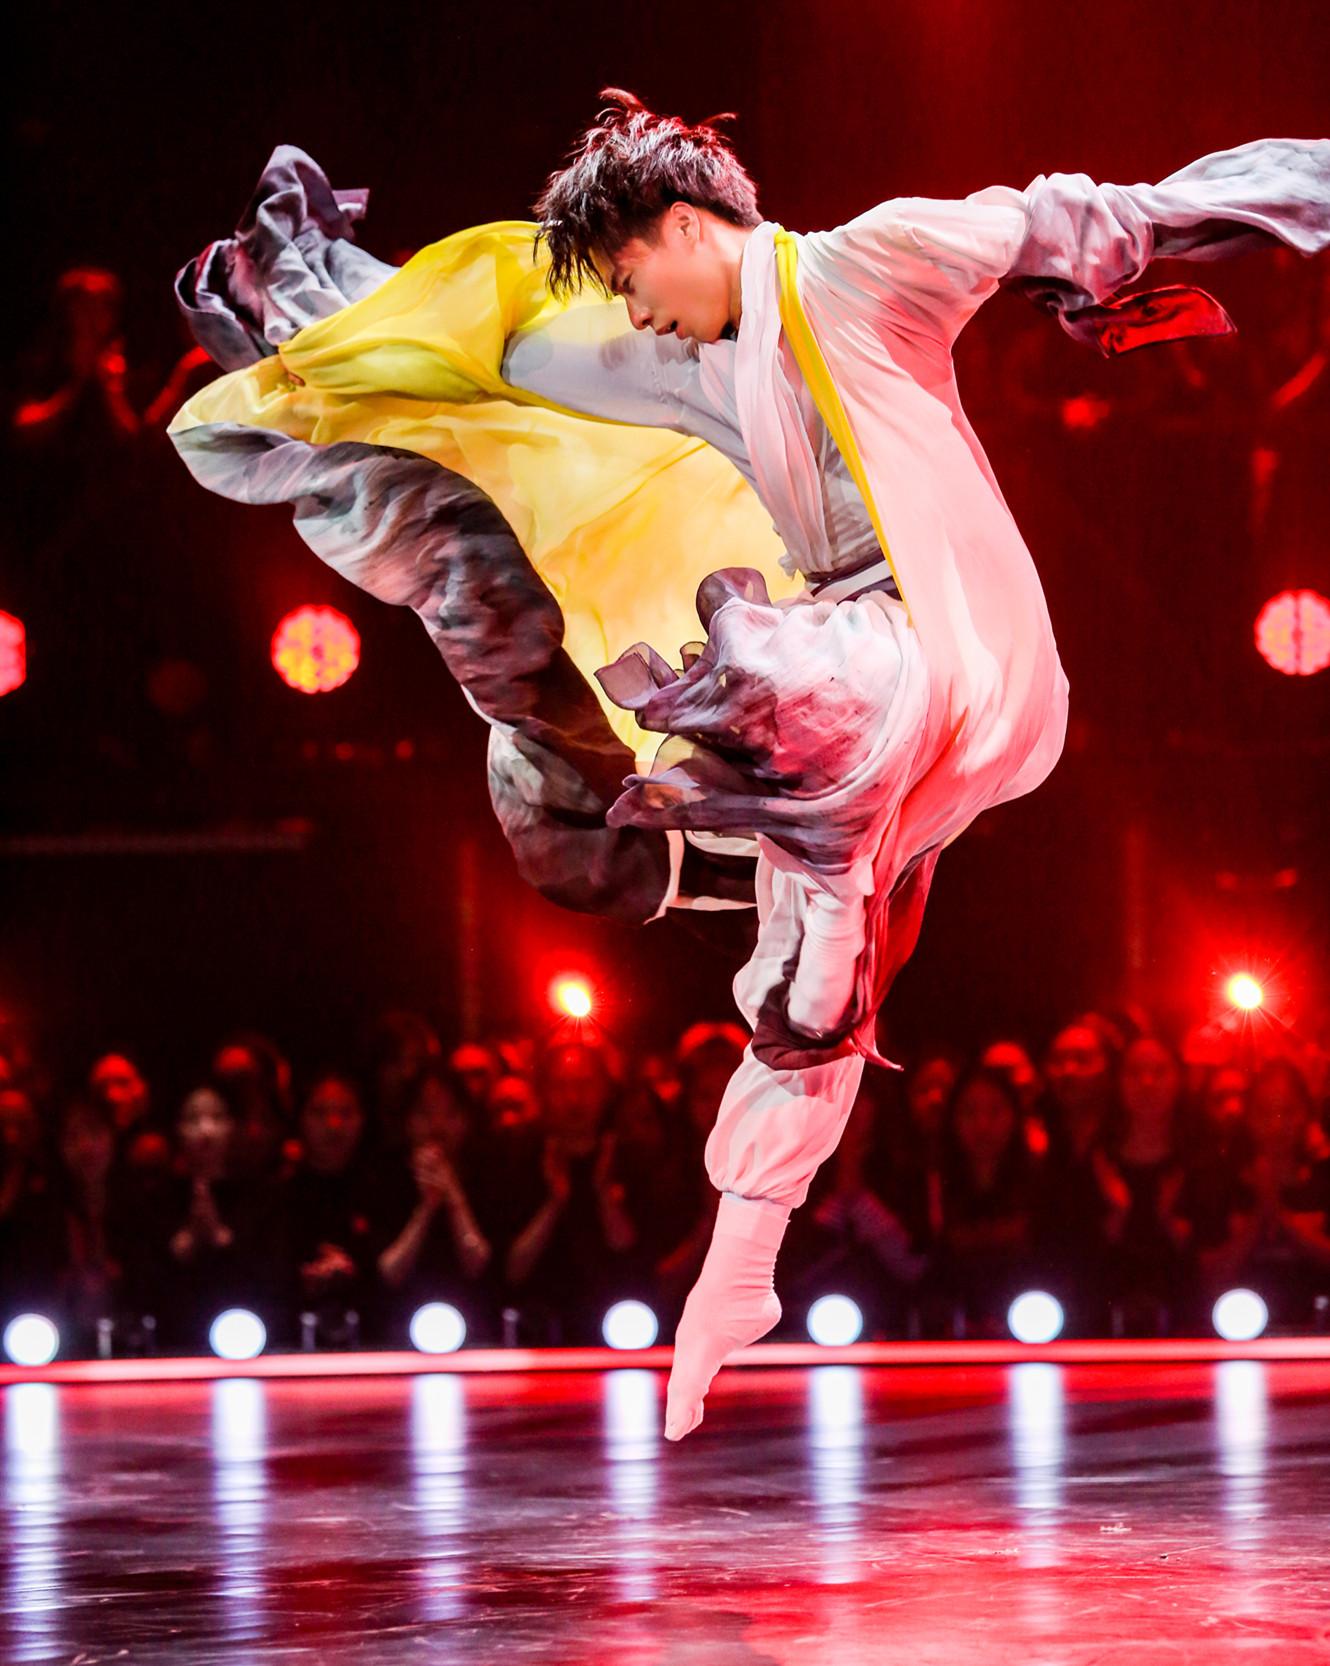 《舞蹈風暴》第四期,蘇海陸用舞蹈《幾多愁》展現李煜的人生_副本.jpg